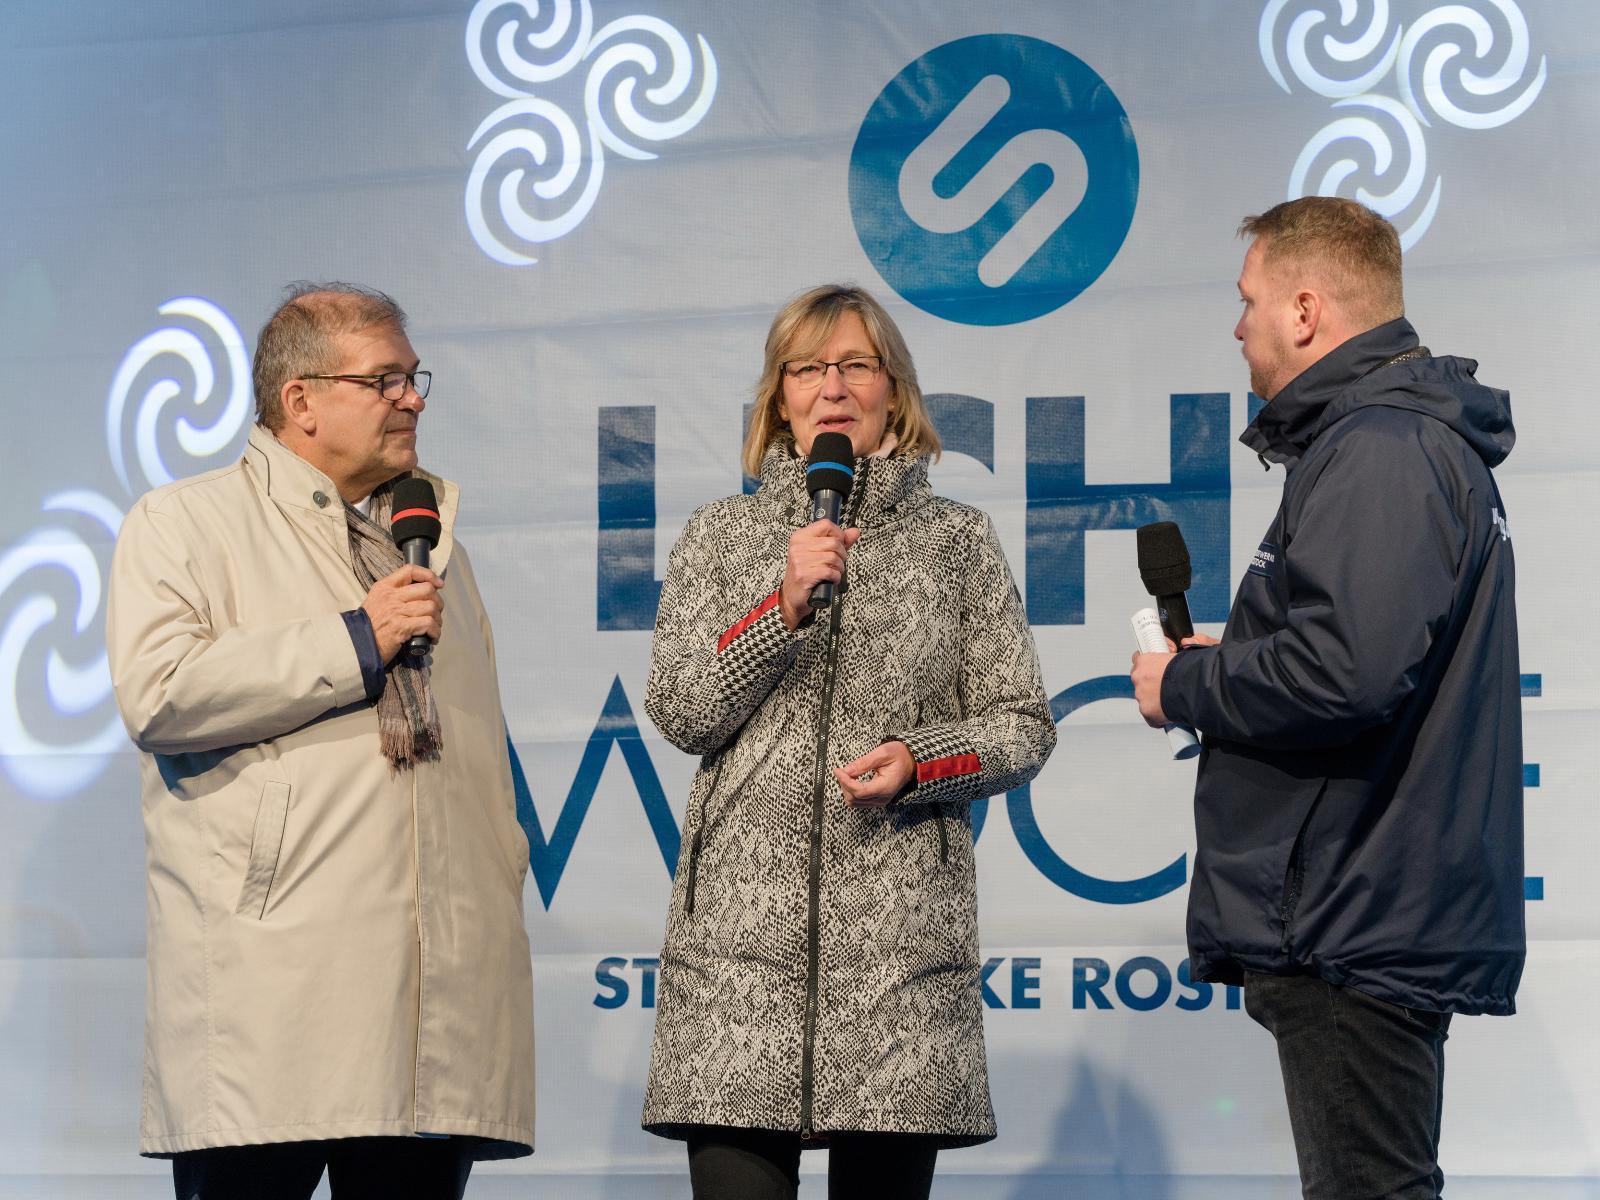 Ute Römer (Vorstand SWR) und der Rektor der Universität, Prof. Scharek, erzählten über die erfolgreiche Zusammenarbeit zwischen den Stadtwerken und der Rostocker Uni